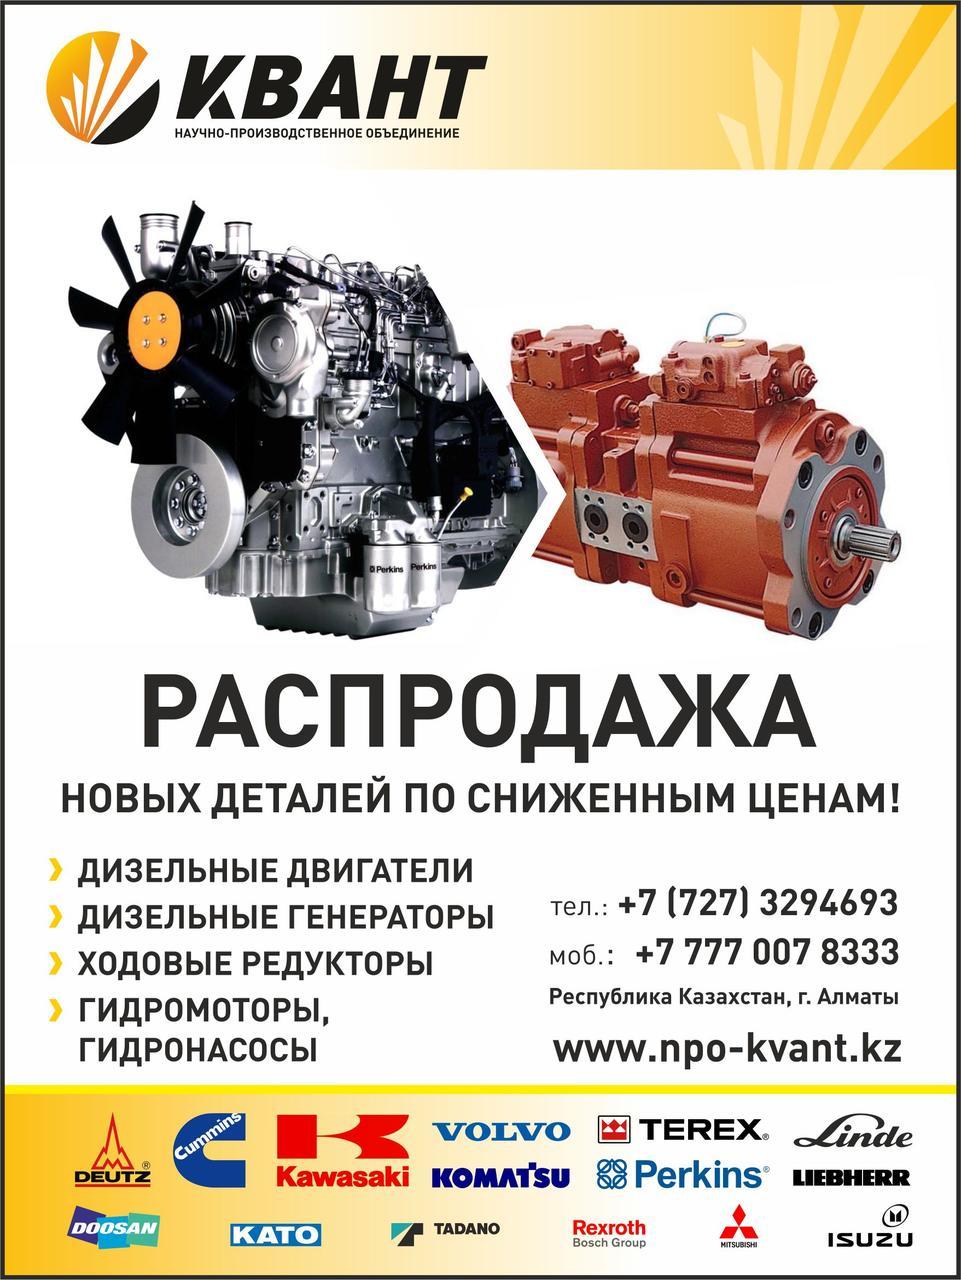 Двигатель Iveco C87 ENT X60, D20, PUC13 ENT D20, F32AM, F32AM1A, F32MN, F32MNSX00, F32MNSX01